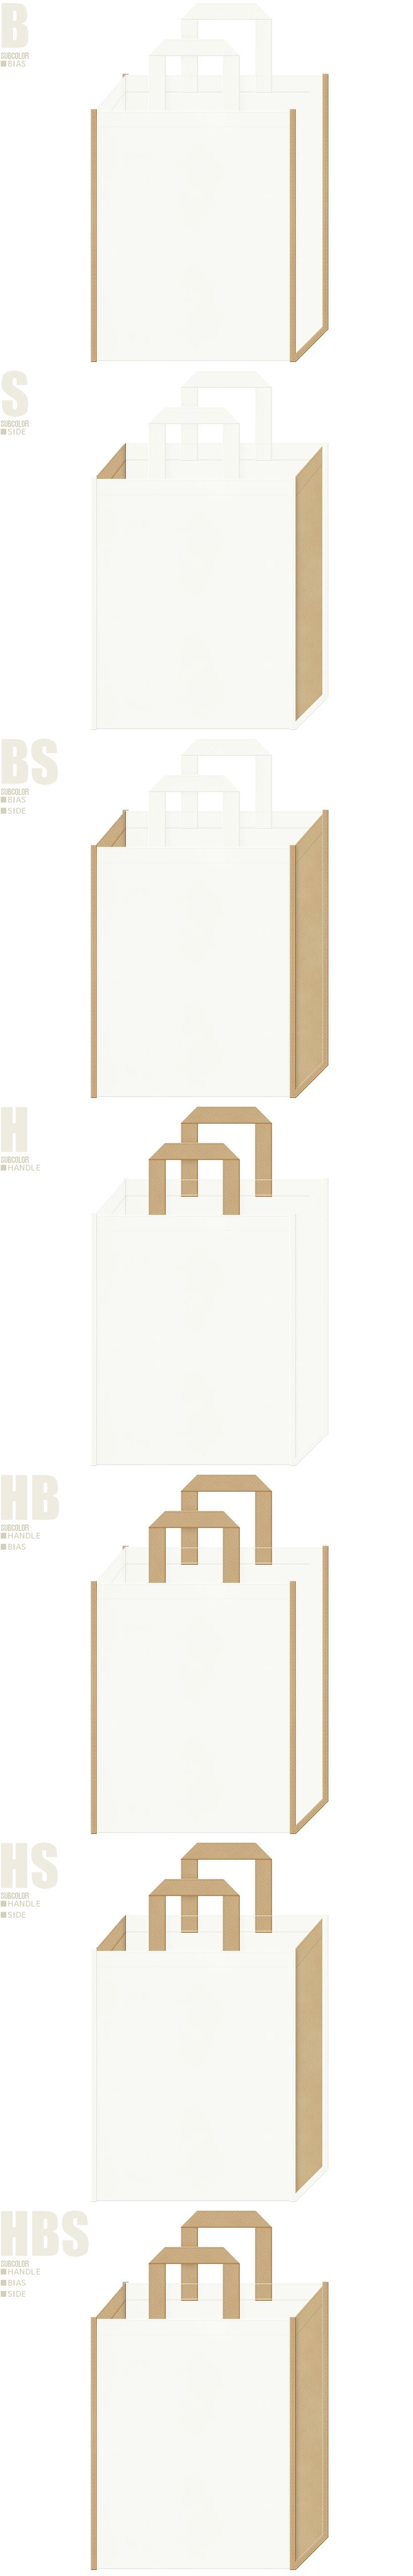 オフホワイト色とカーキ色、7パターンの不織布トートバッグ配色デザイン例。バスタオル・バスローブ等のバス用品の展示会用バッグ、ホテル・旅館のバッグノベルティにお奨めです。